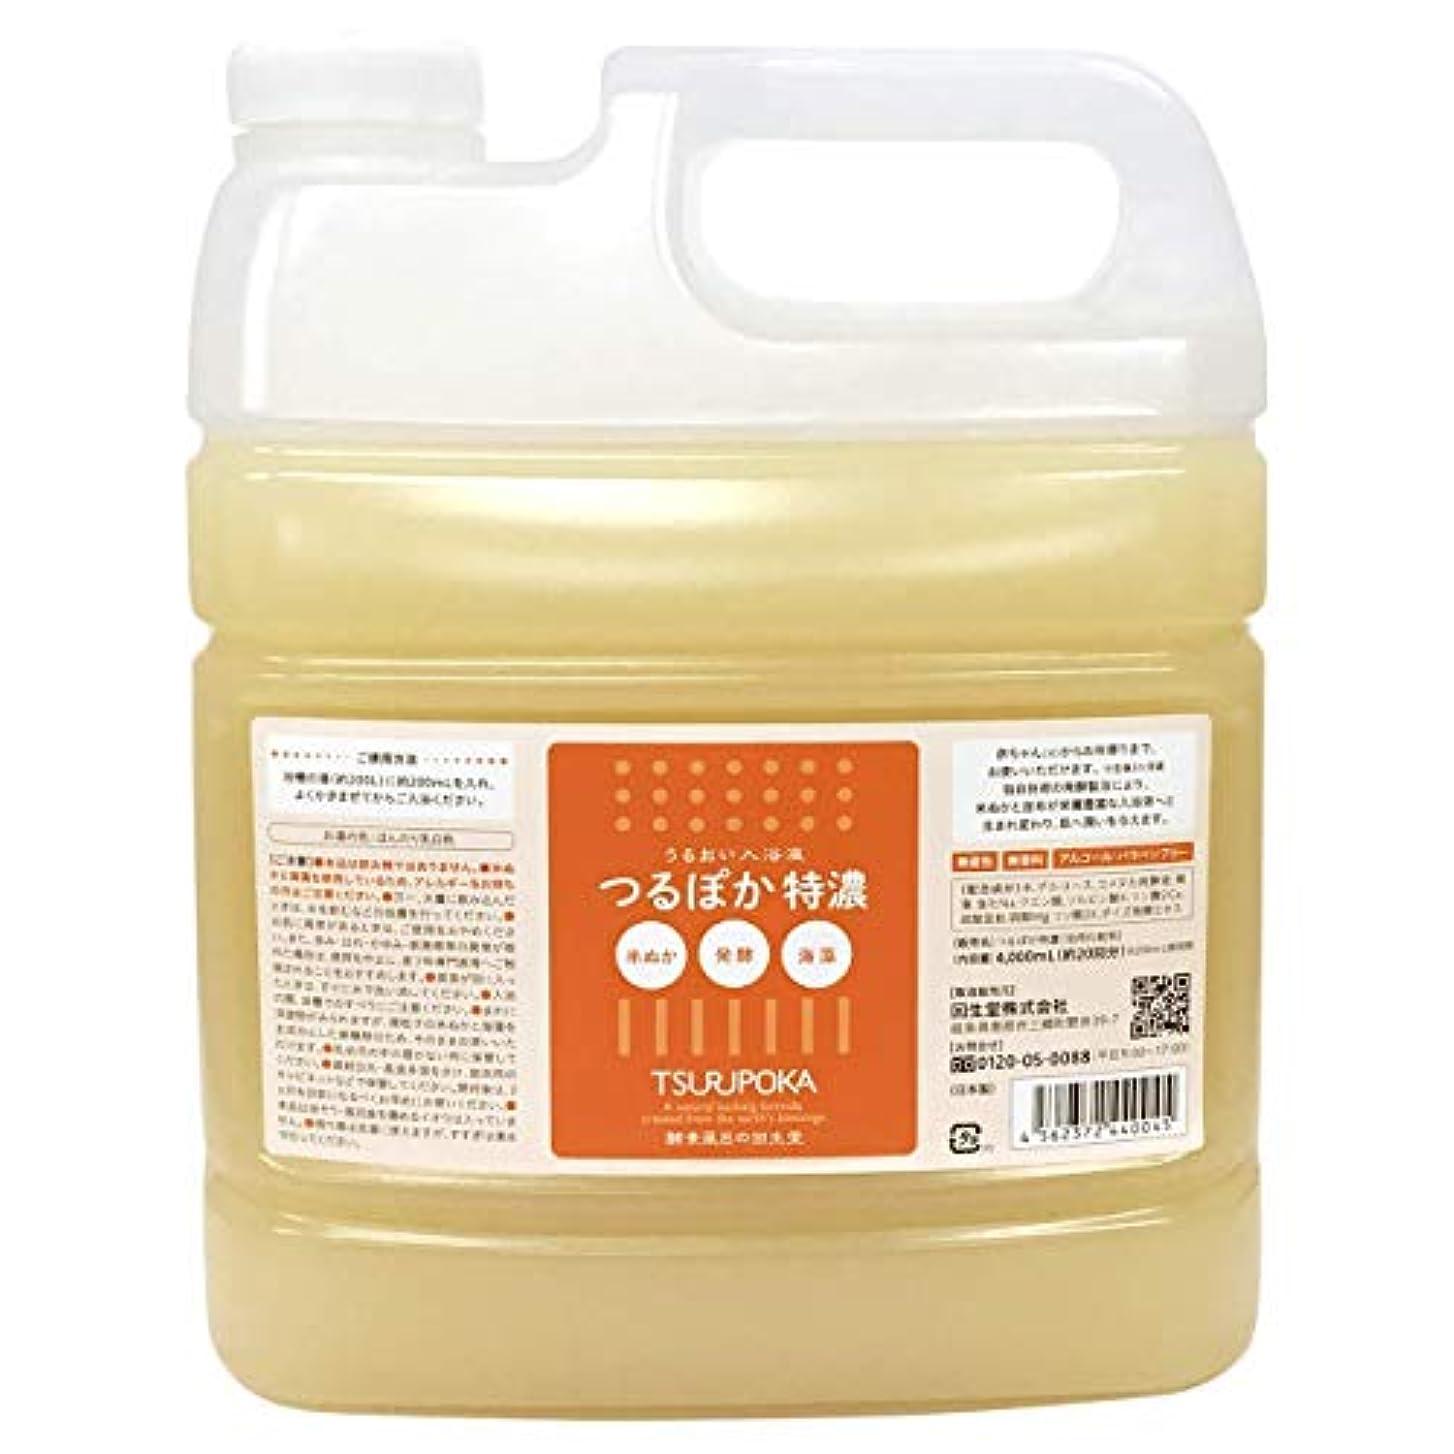 ところでグラマー成熟した「自宅で簡単酵素風呂」つるぽか特濃 国産の米ぬかと昆布を発酵させた自然派酵素入浴剤 約20回分(1回200mL使用)うるおい しっとり 保湿 冷え 発汗